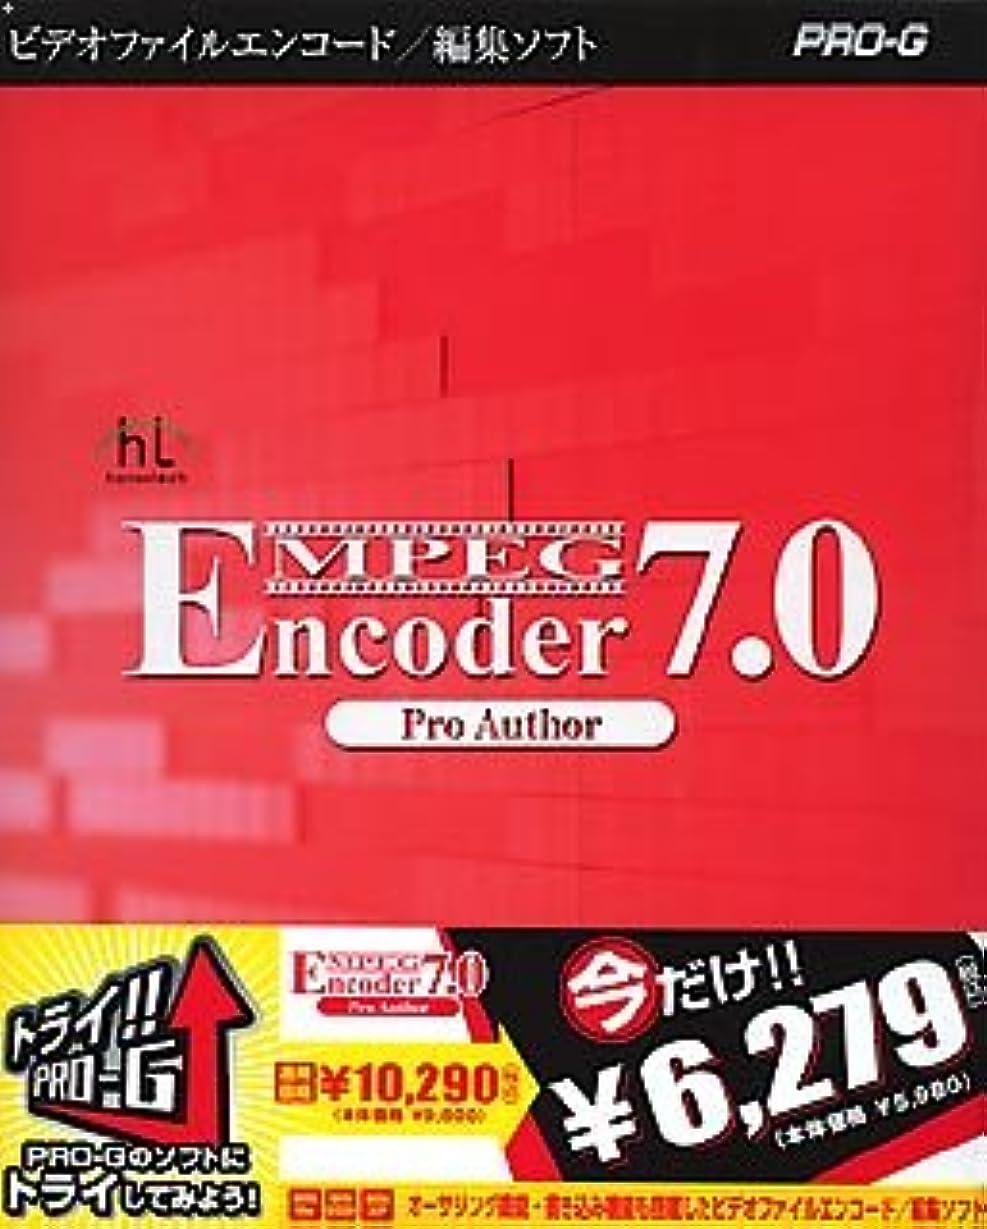 正気食器棚ほめるTRY PRO-G MPEG Encoder 7.0 ProAuthor